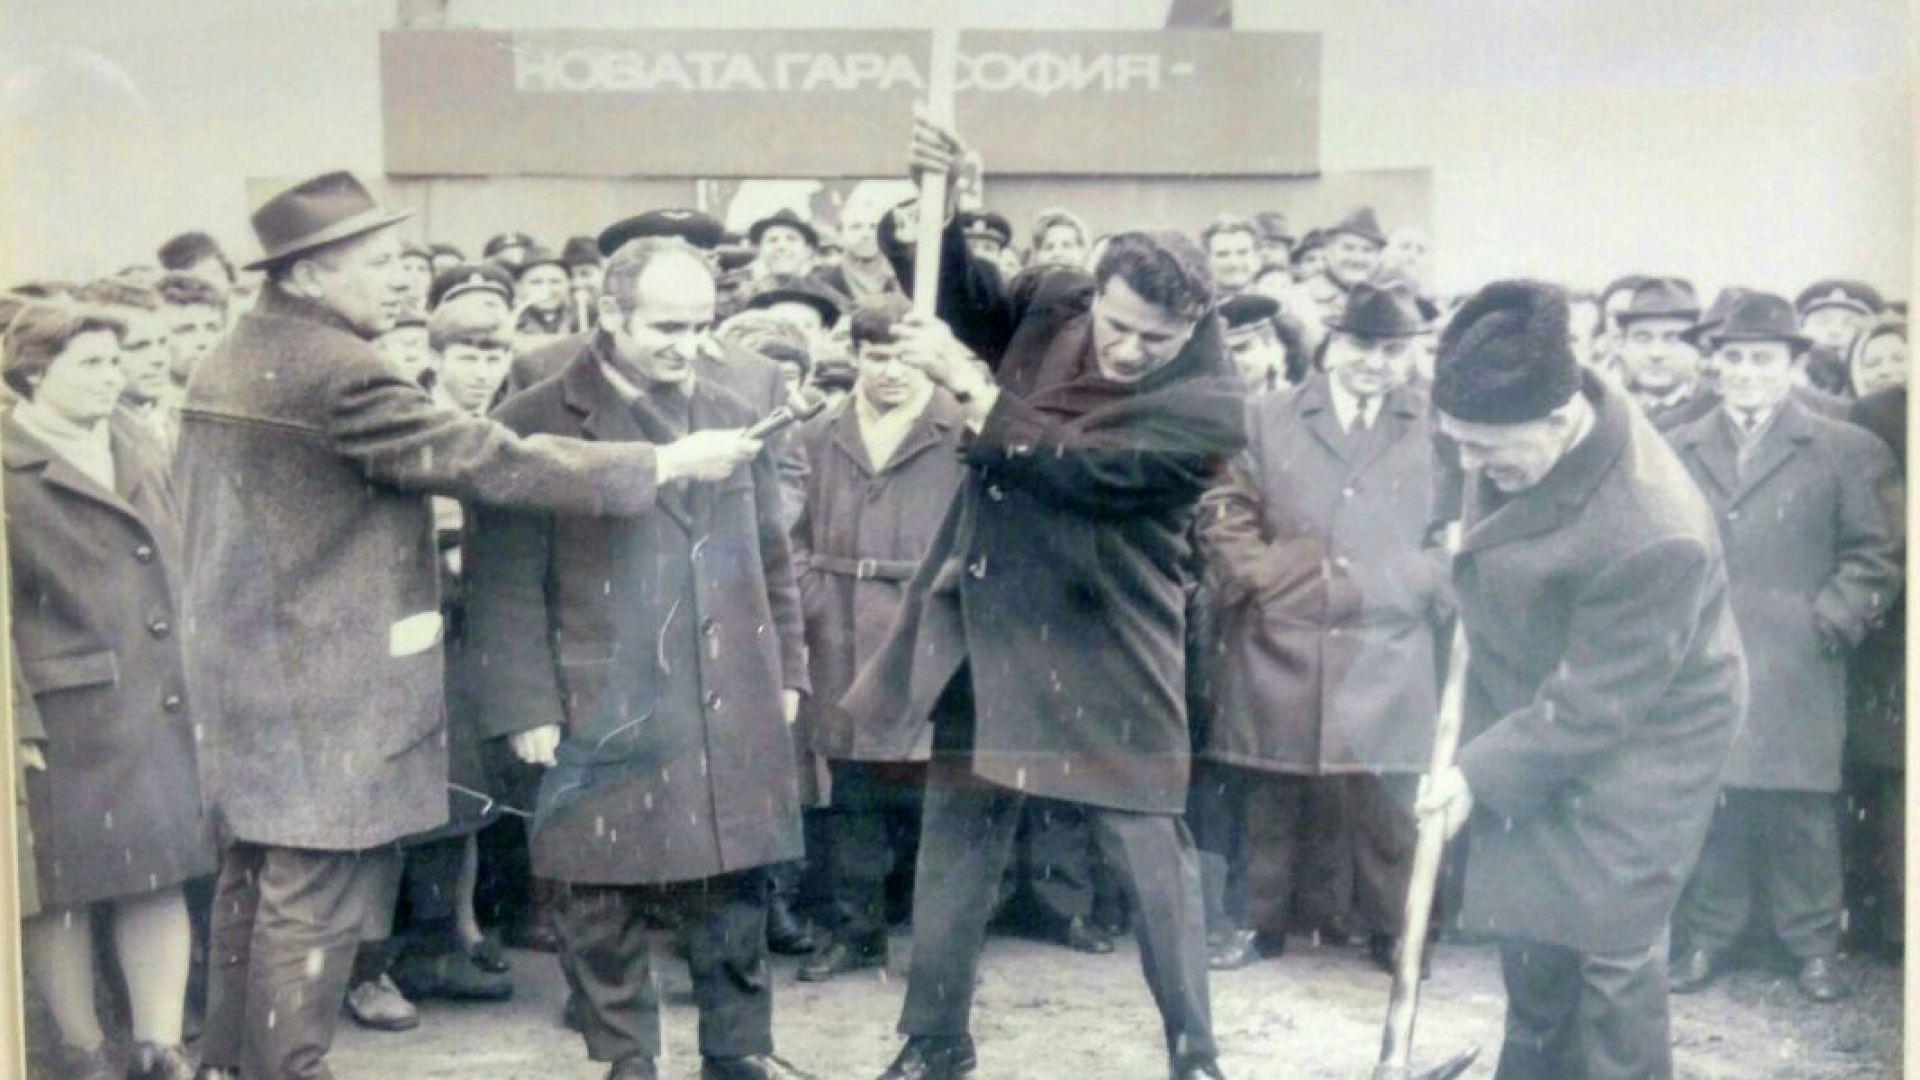 6 септември 1974 година не е празничен ден в социалистическа